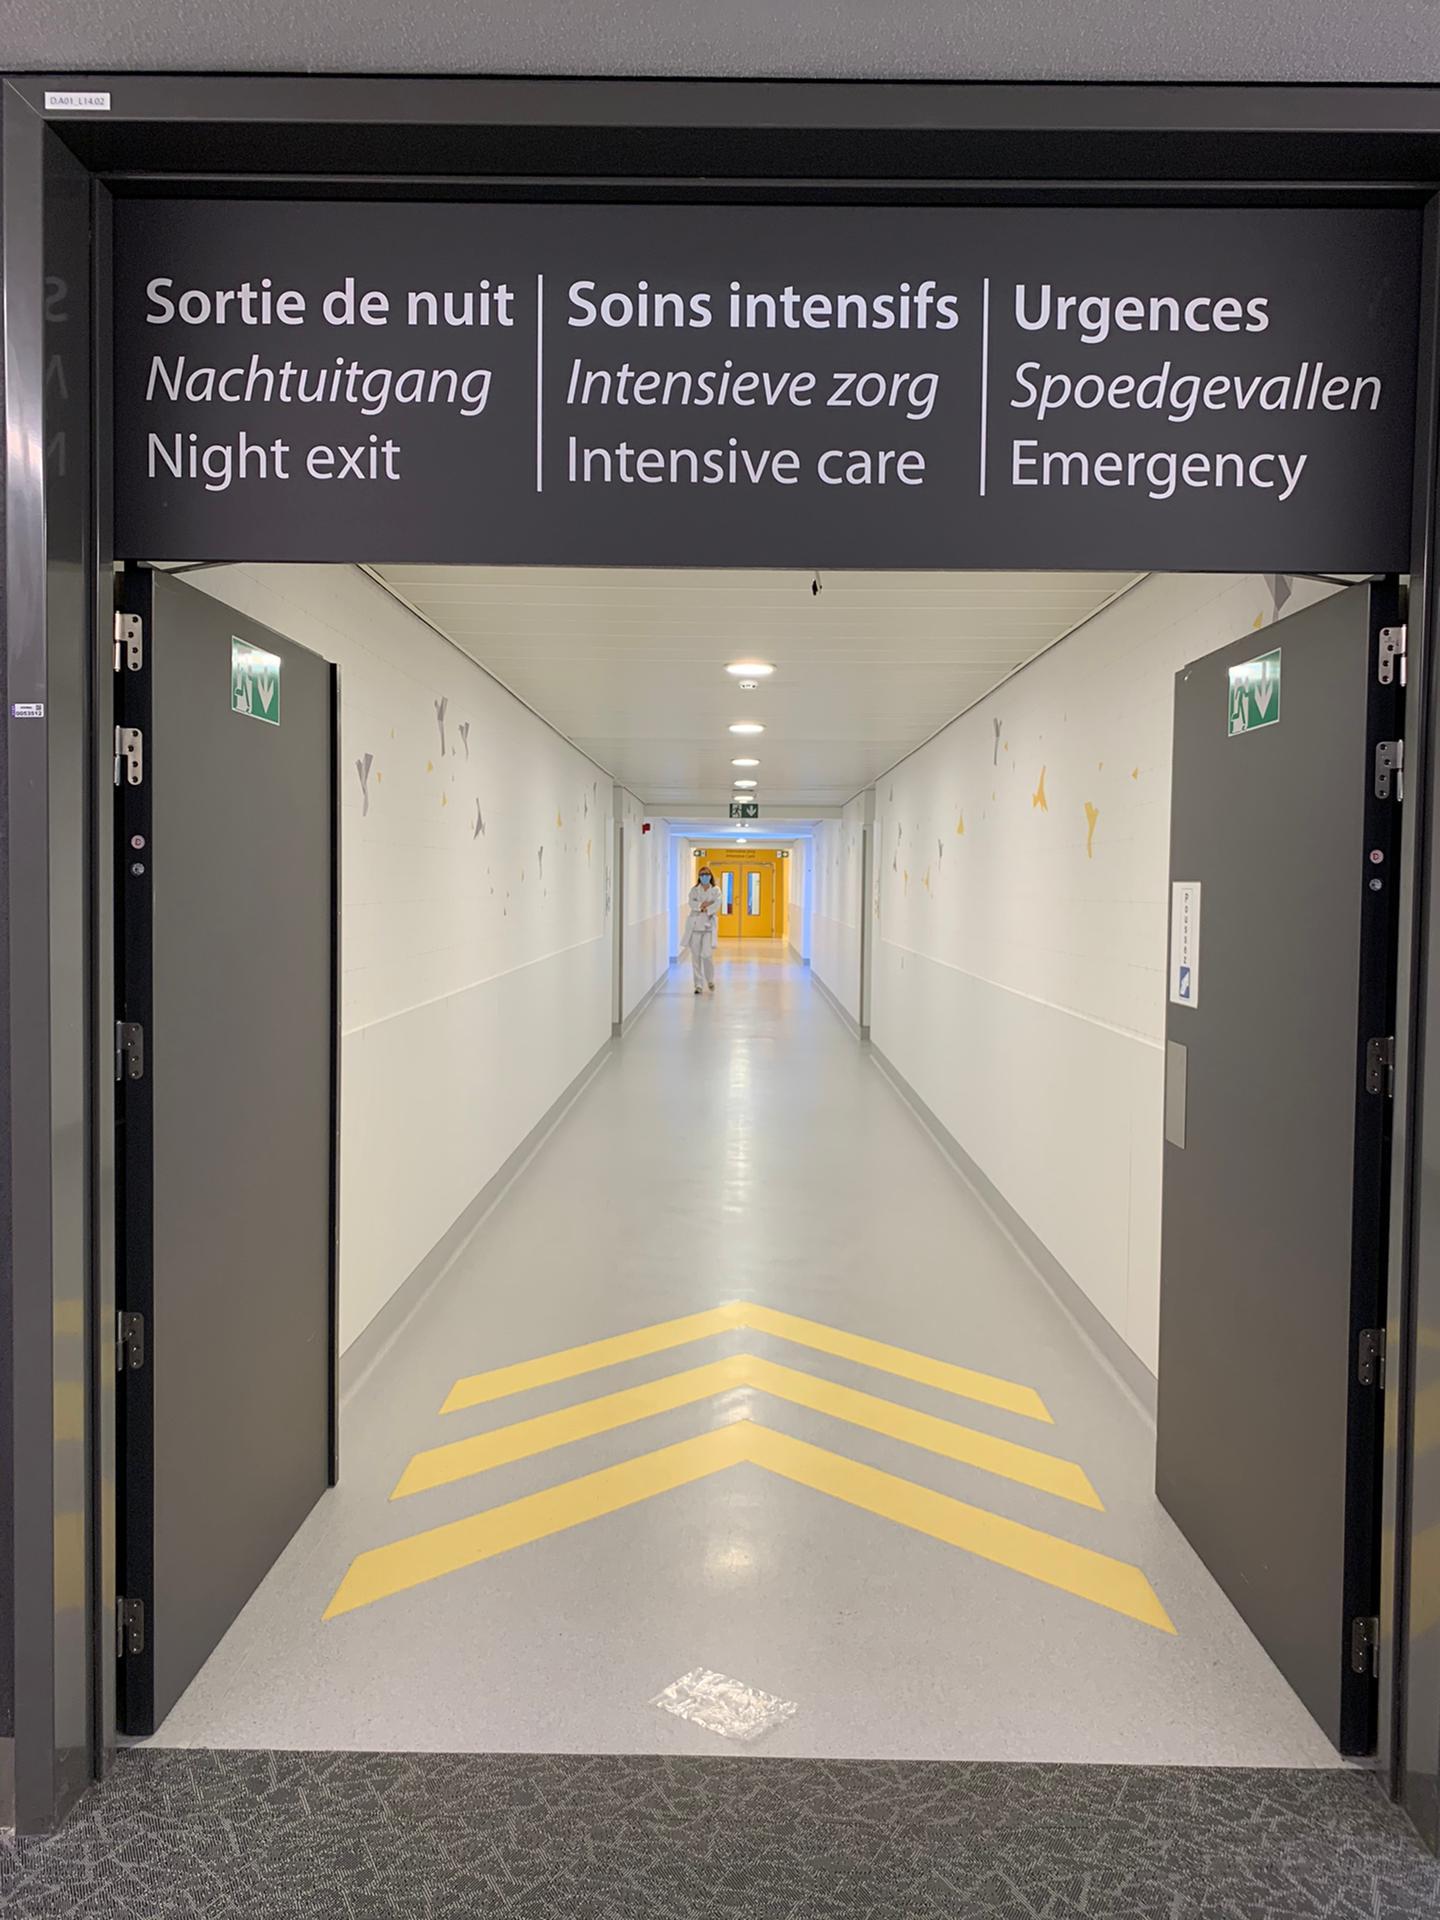 Wegwijzerbord interne wayfinding bij ziekenhuis Chirac Delta, signalisatie nachtuitgang, intensieve zorg en spoed, bord door Actual Sign, member of the Remotec Group